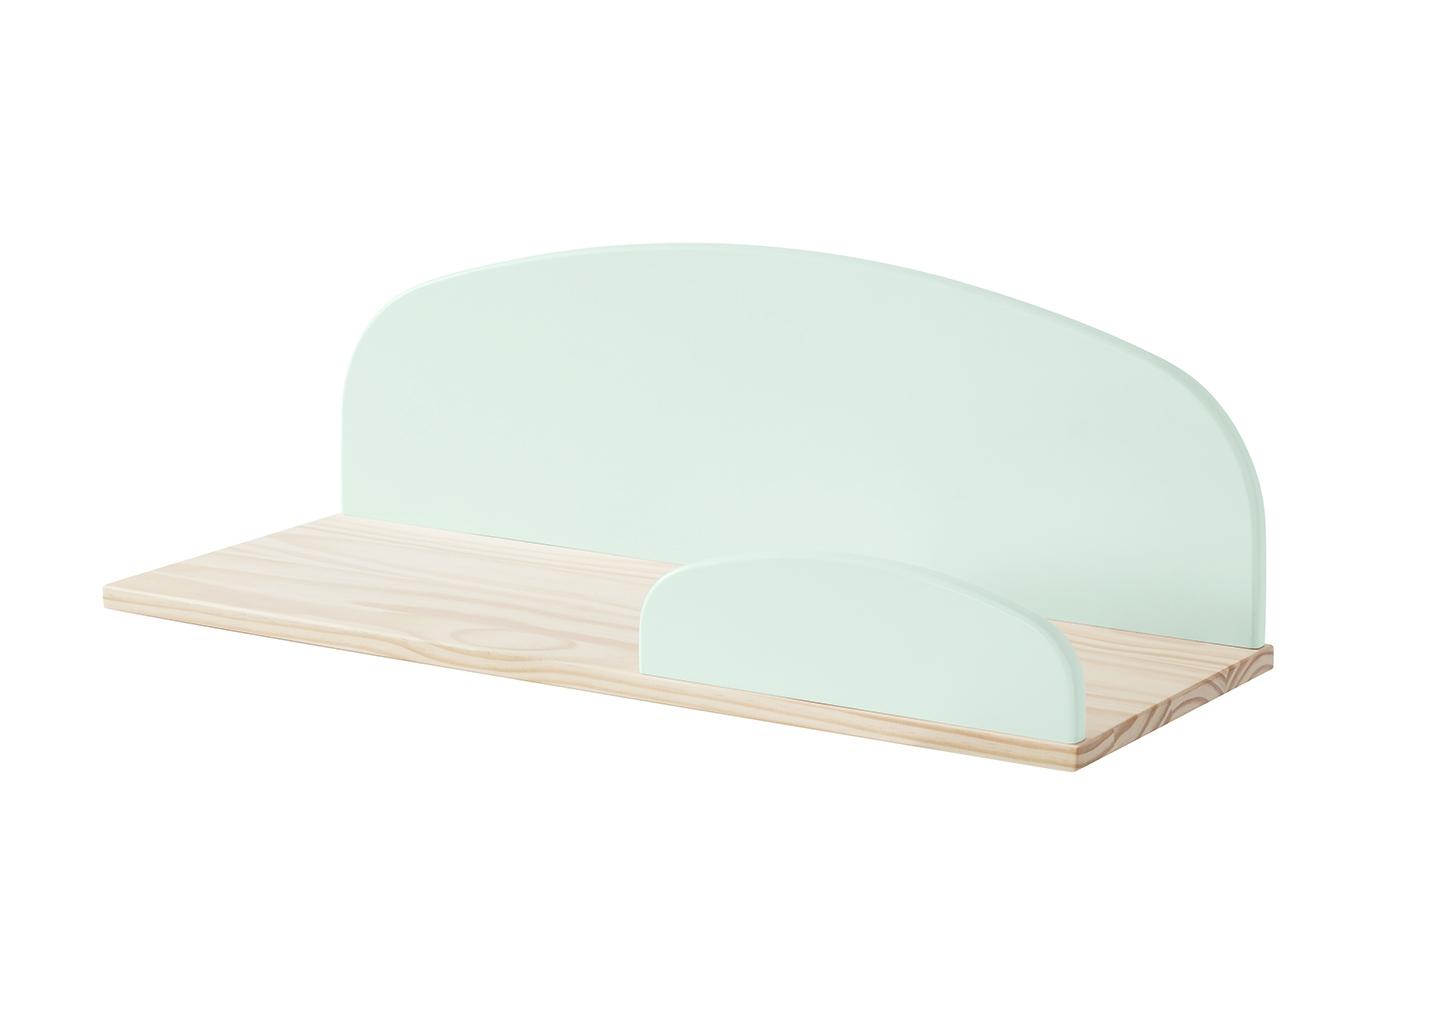 Etajera suspendata din lemn de pin si MDF, pentru copii Kiddy Large Verde Mint, l65xA25xH21,4 cm imagine